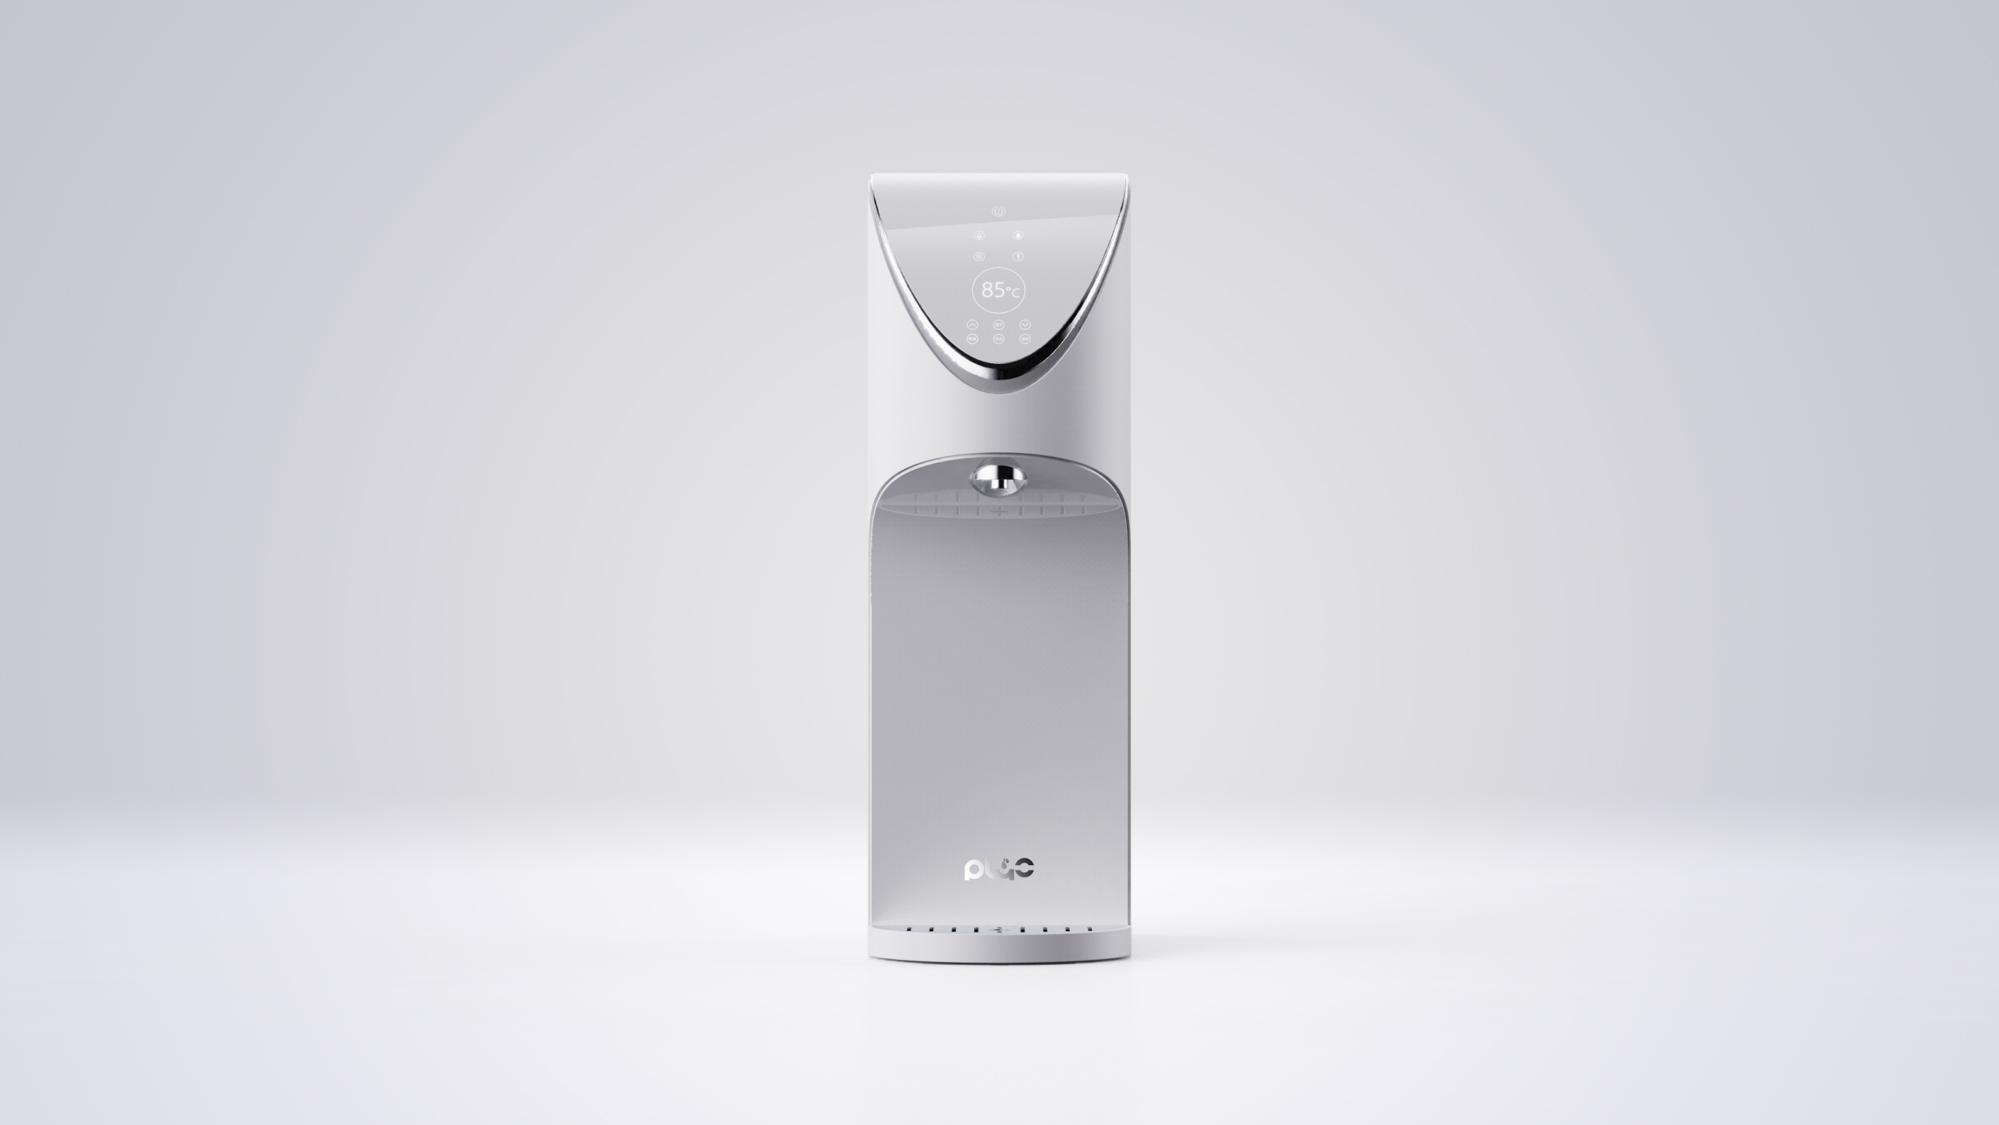 家用电器/厨房电器消费电子产品/热水机外观和结构设计